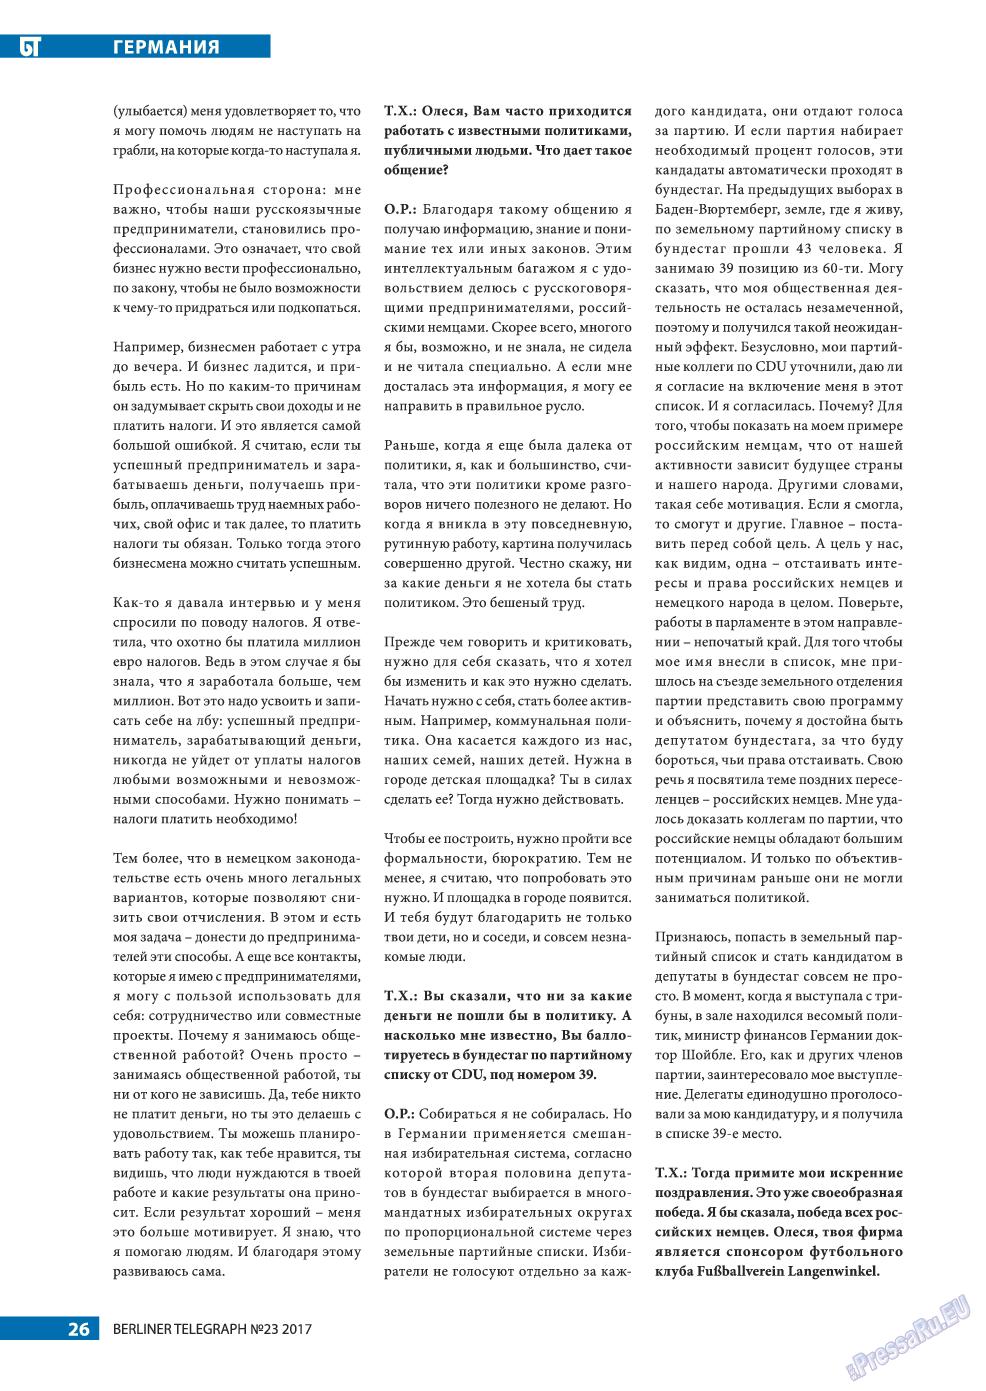 Берлинский телеграф (журнал). 2017 год, номер 23, стр. 26